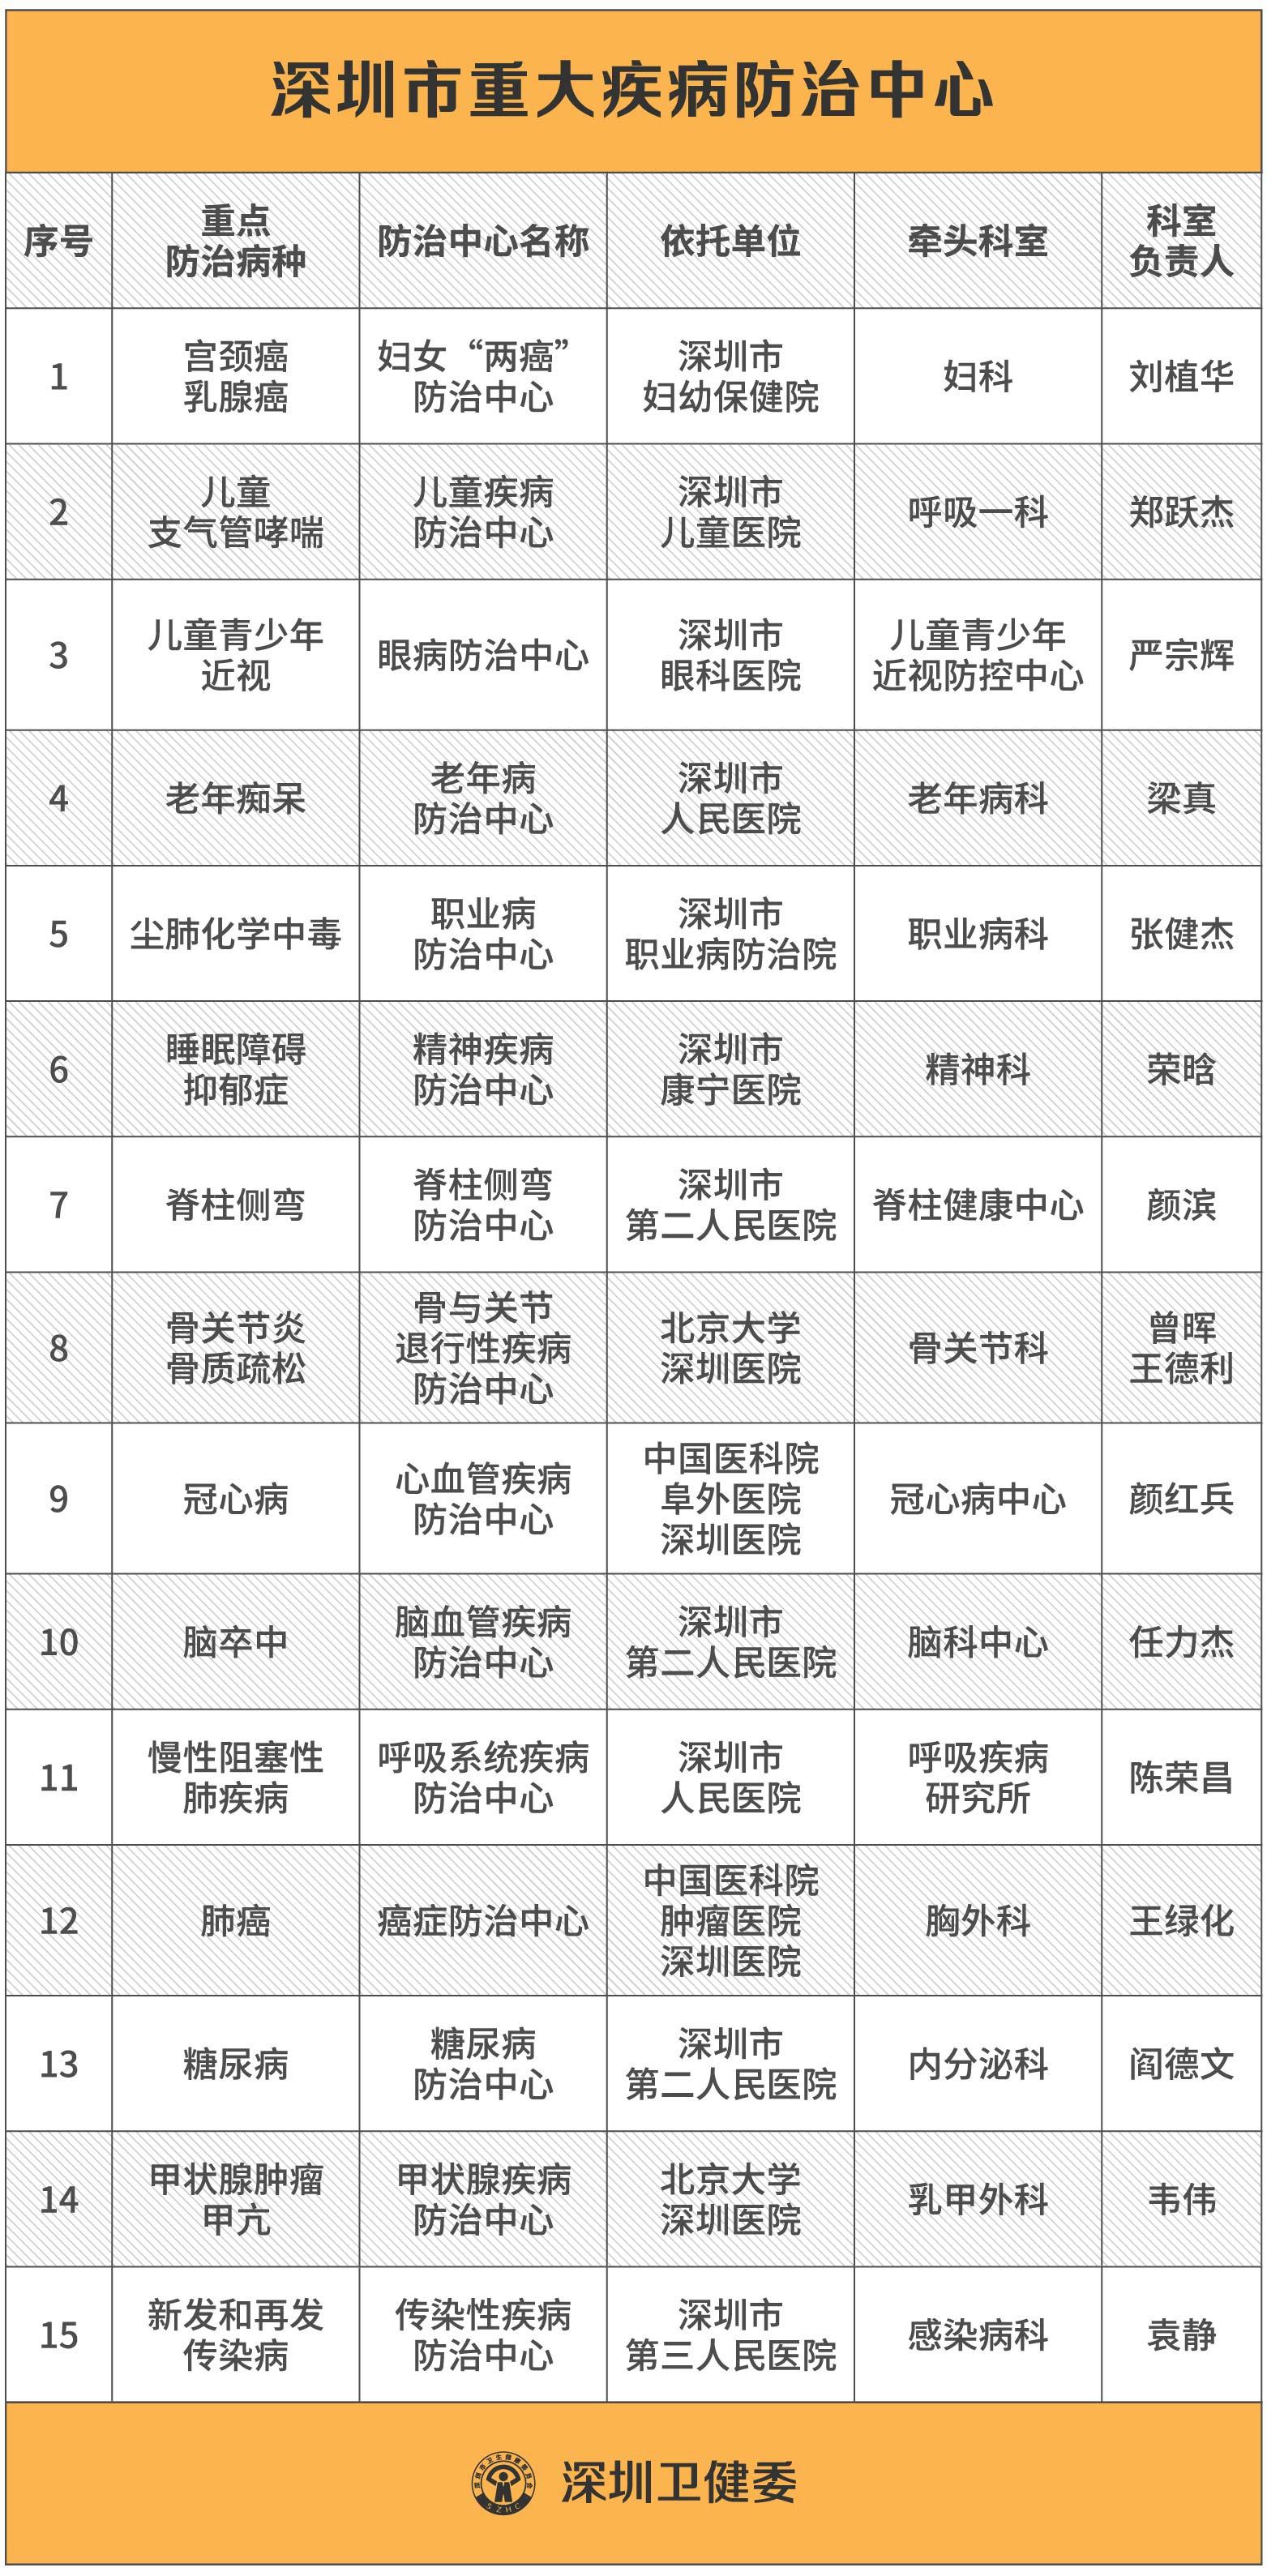 深圳成立15个重大疾病防治中心,全面提升预防救治能力